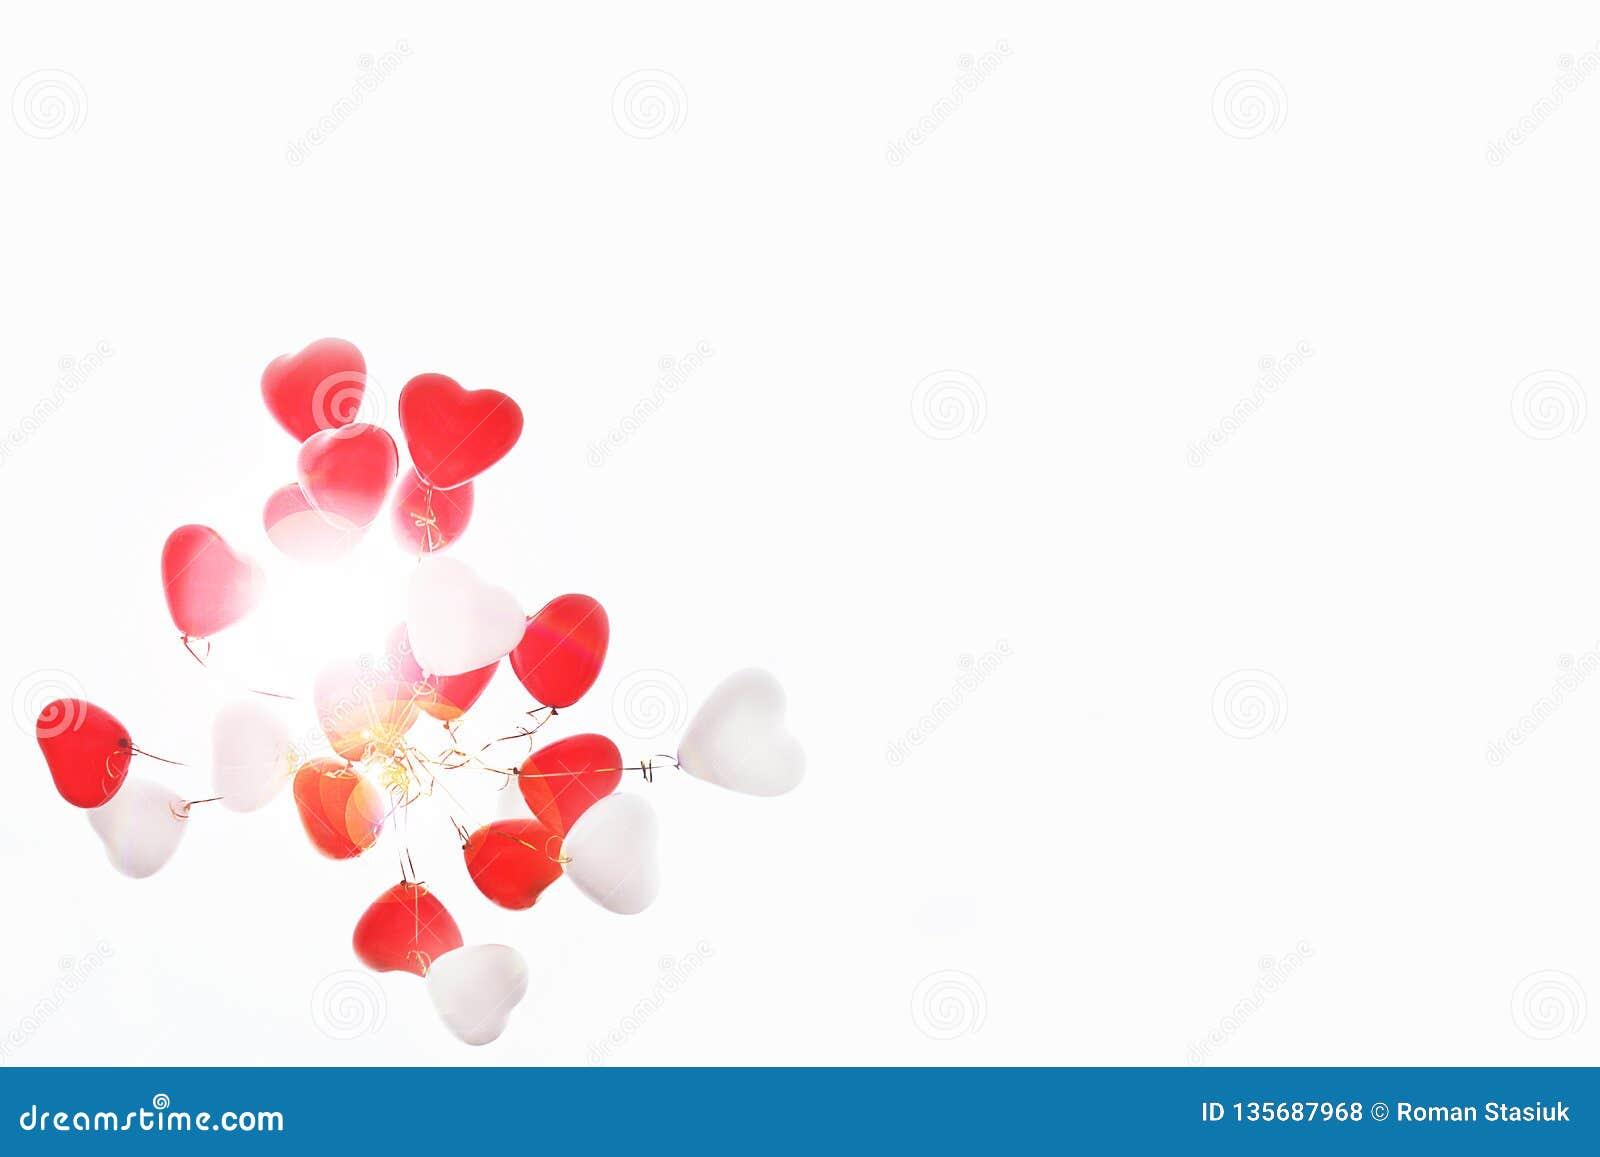 Balony w postaci serca w niebie